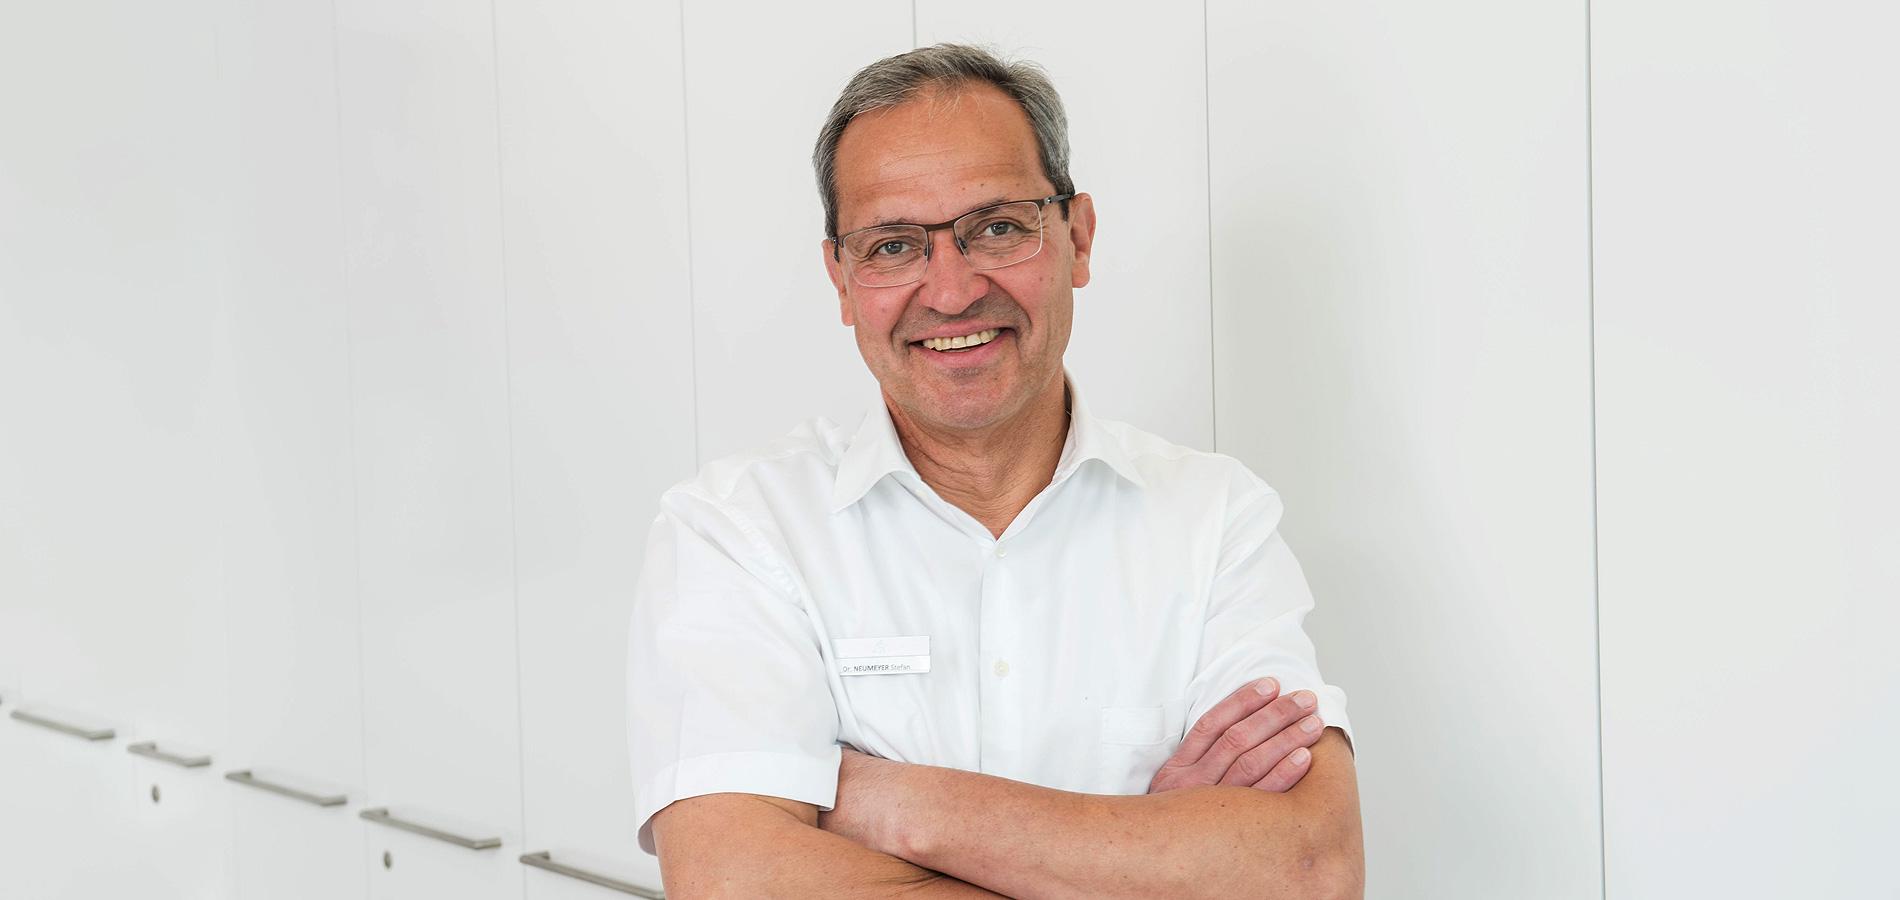 Dr. Neumeyer - Zahnarzt in Eschlkam